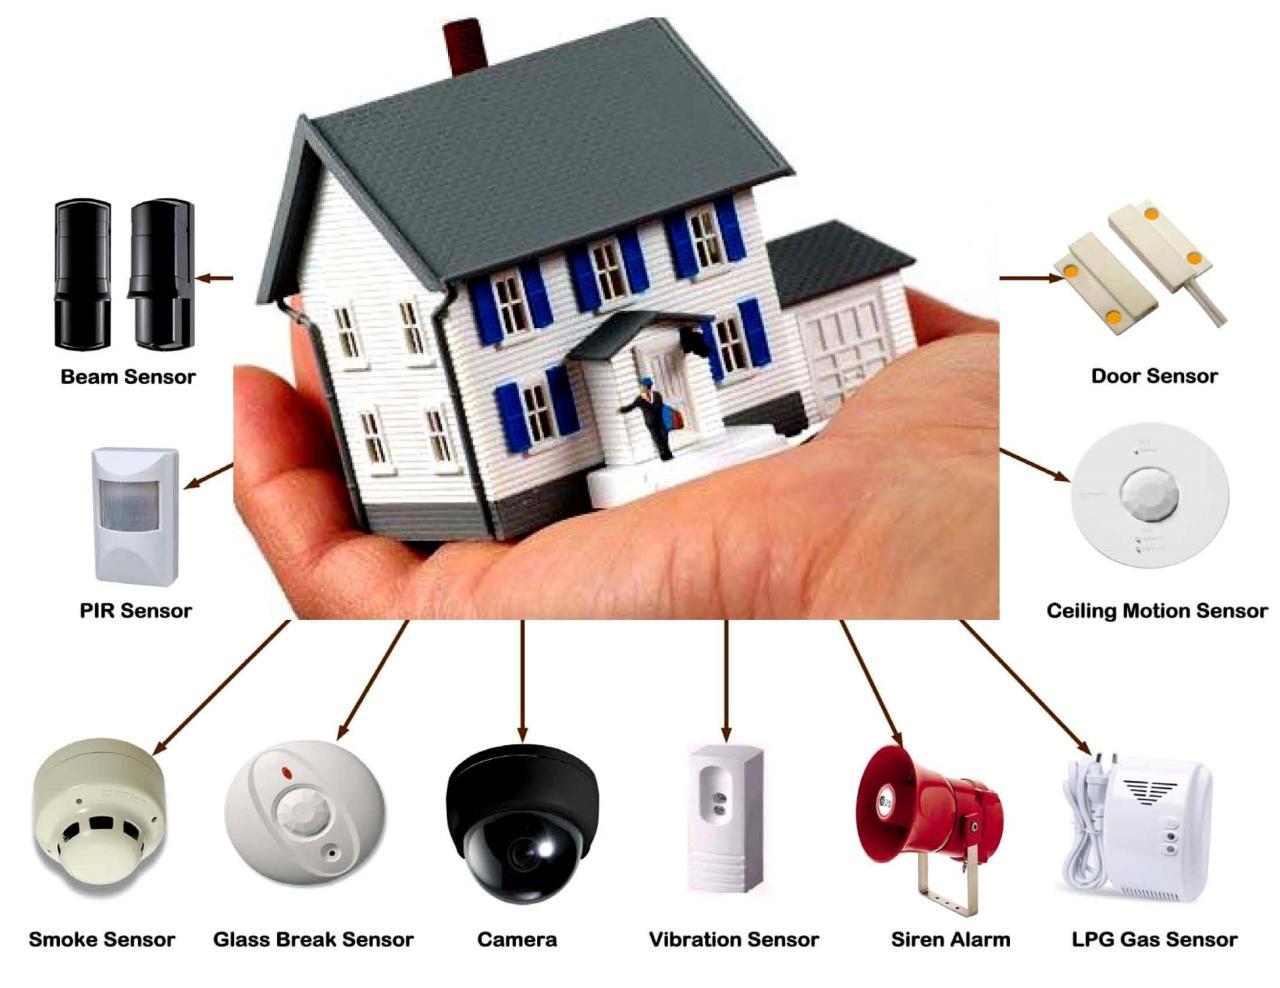 بالصور كاميرات مراقبة منزلية , راقب منزلك واطمئن 13435 7